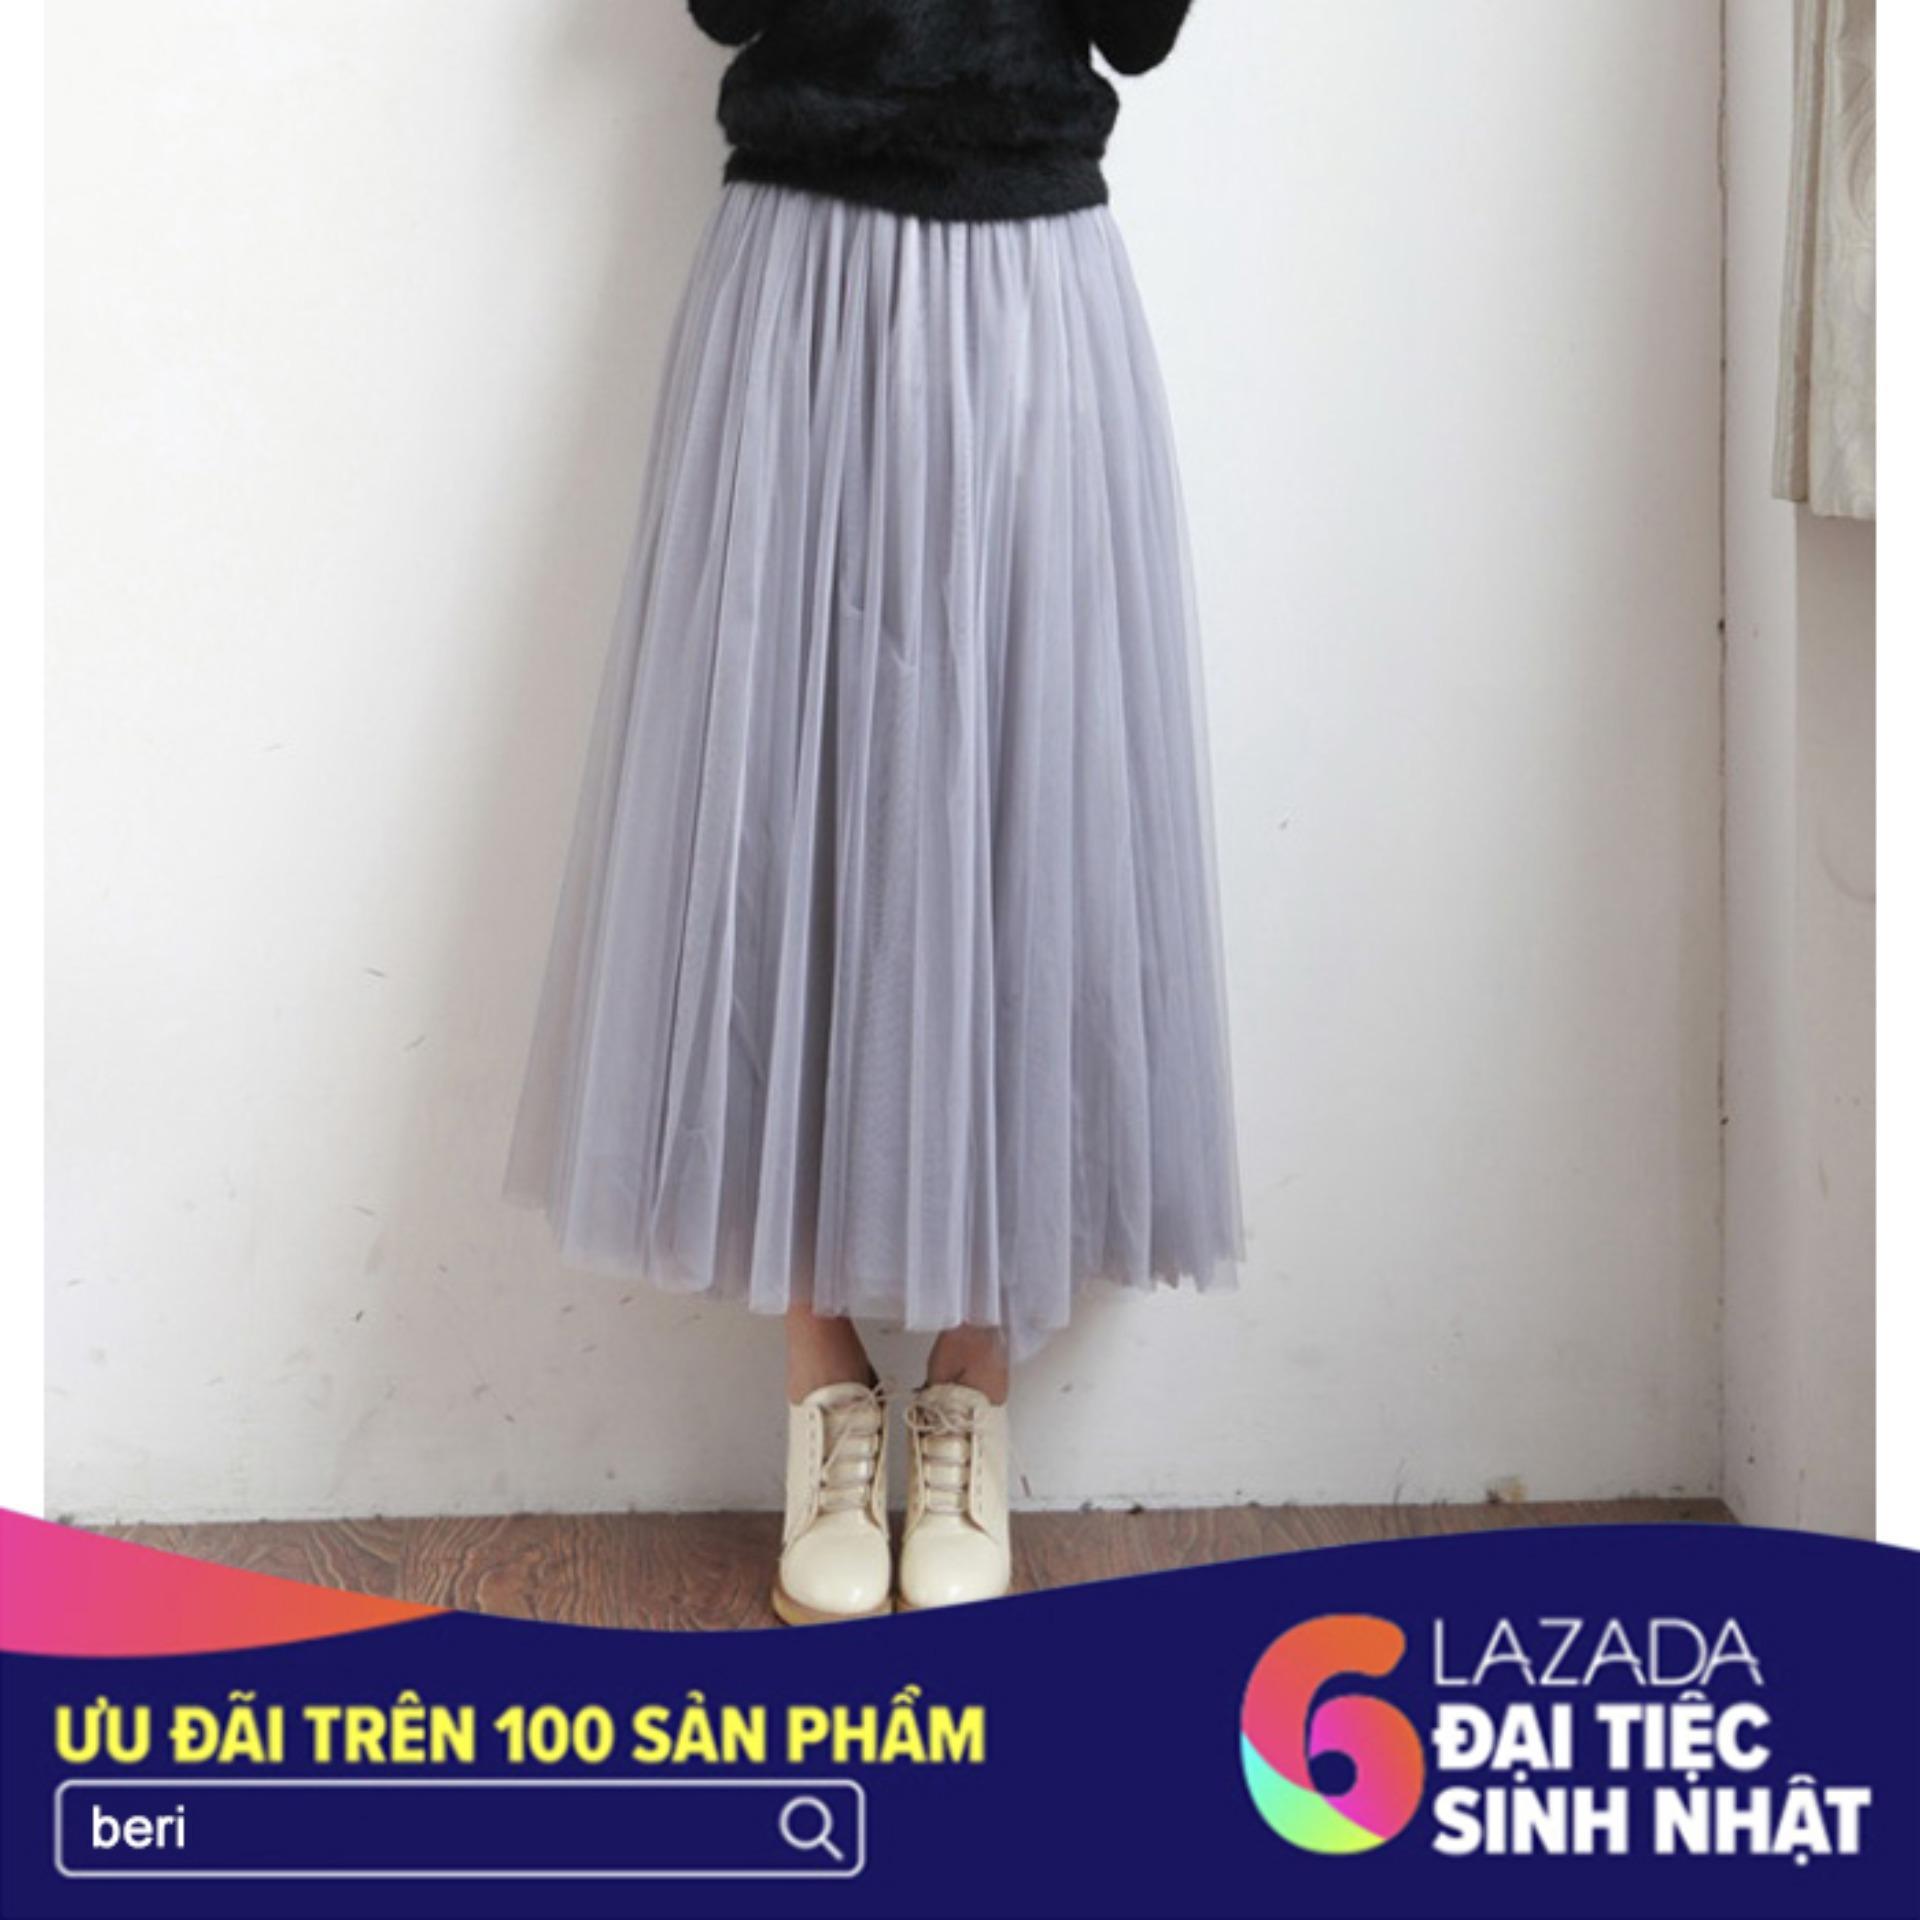 Mua Chan Vay Voan Lưới Xoe Beri Xam Cv044 Trong Hồ Chí Minh